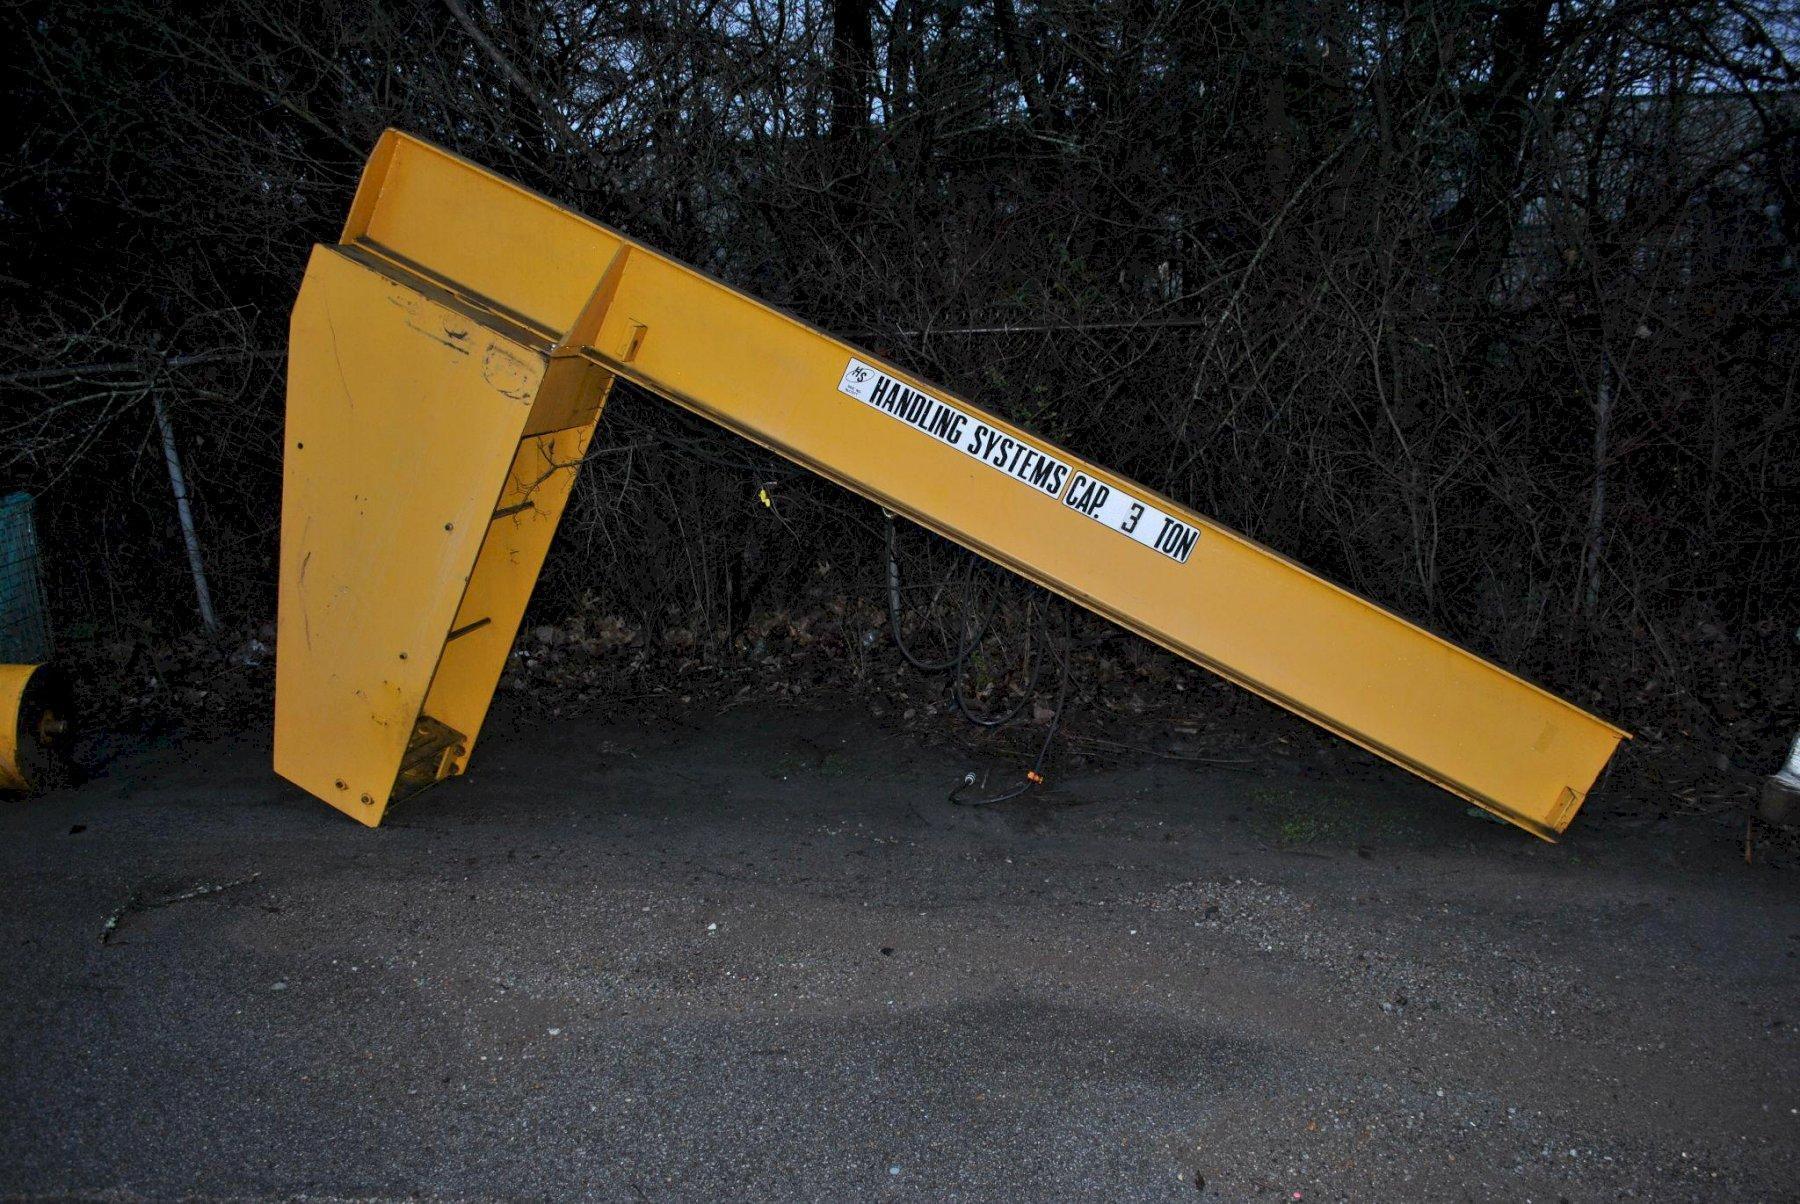 3 Ton Handling Systems Jib Crane